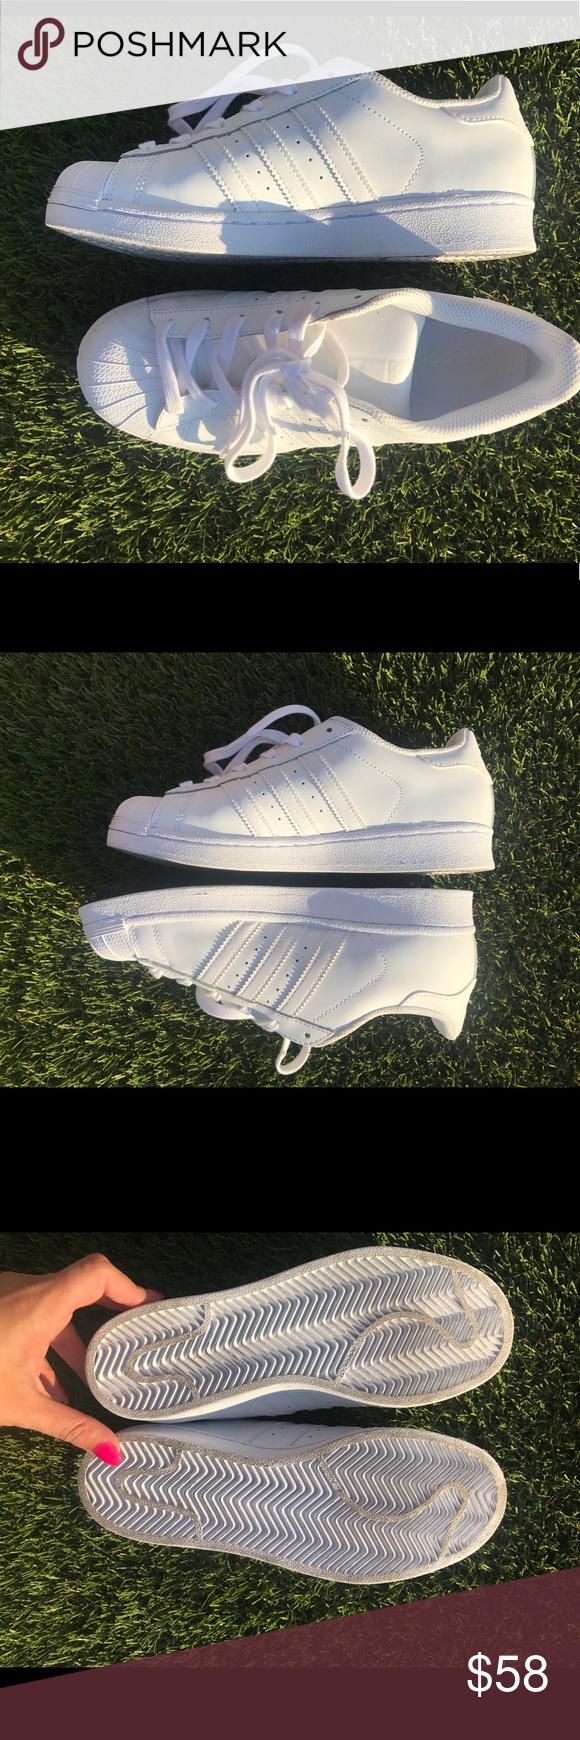 Tre strisce adidas basso aumento scarpe adidas, le adidas e